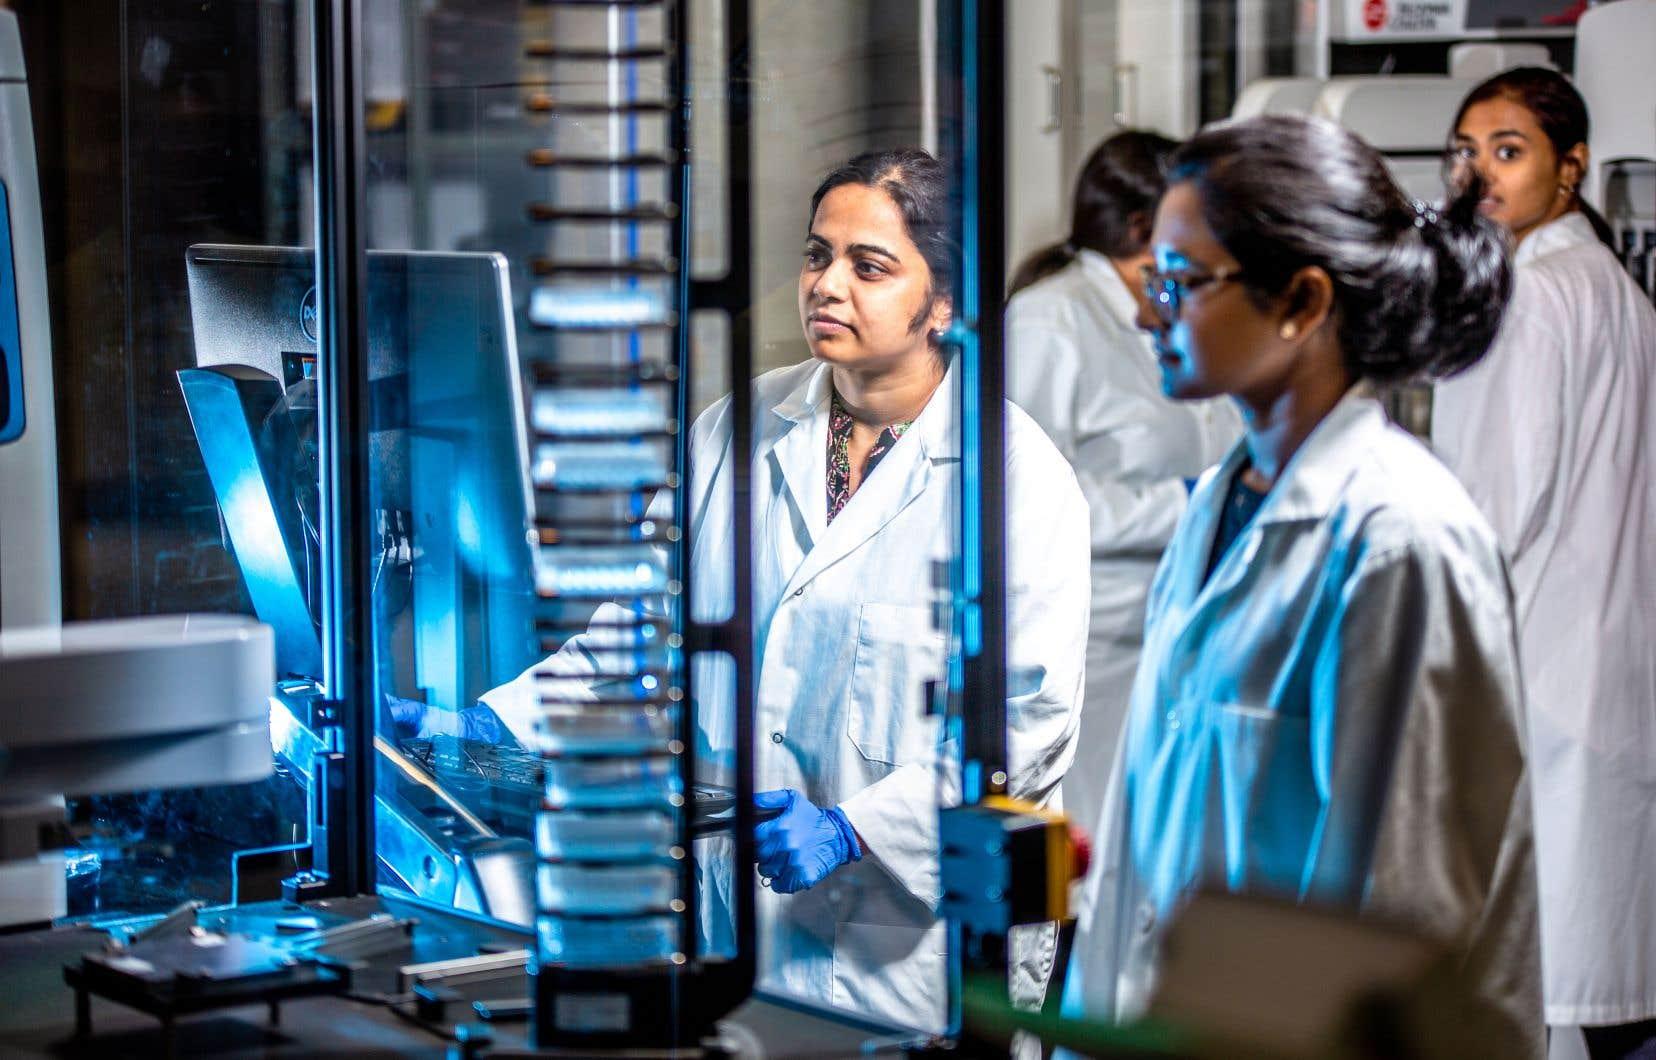 Concordia abrite depuis l'été dernier une fonderie de génomes. Premier laboratoire du genre au pays, il permet notamment l'automatisation afin d'accélérer la recherche en biologie synthétique.